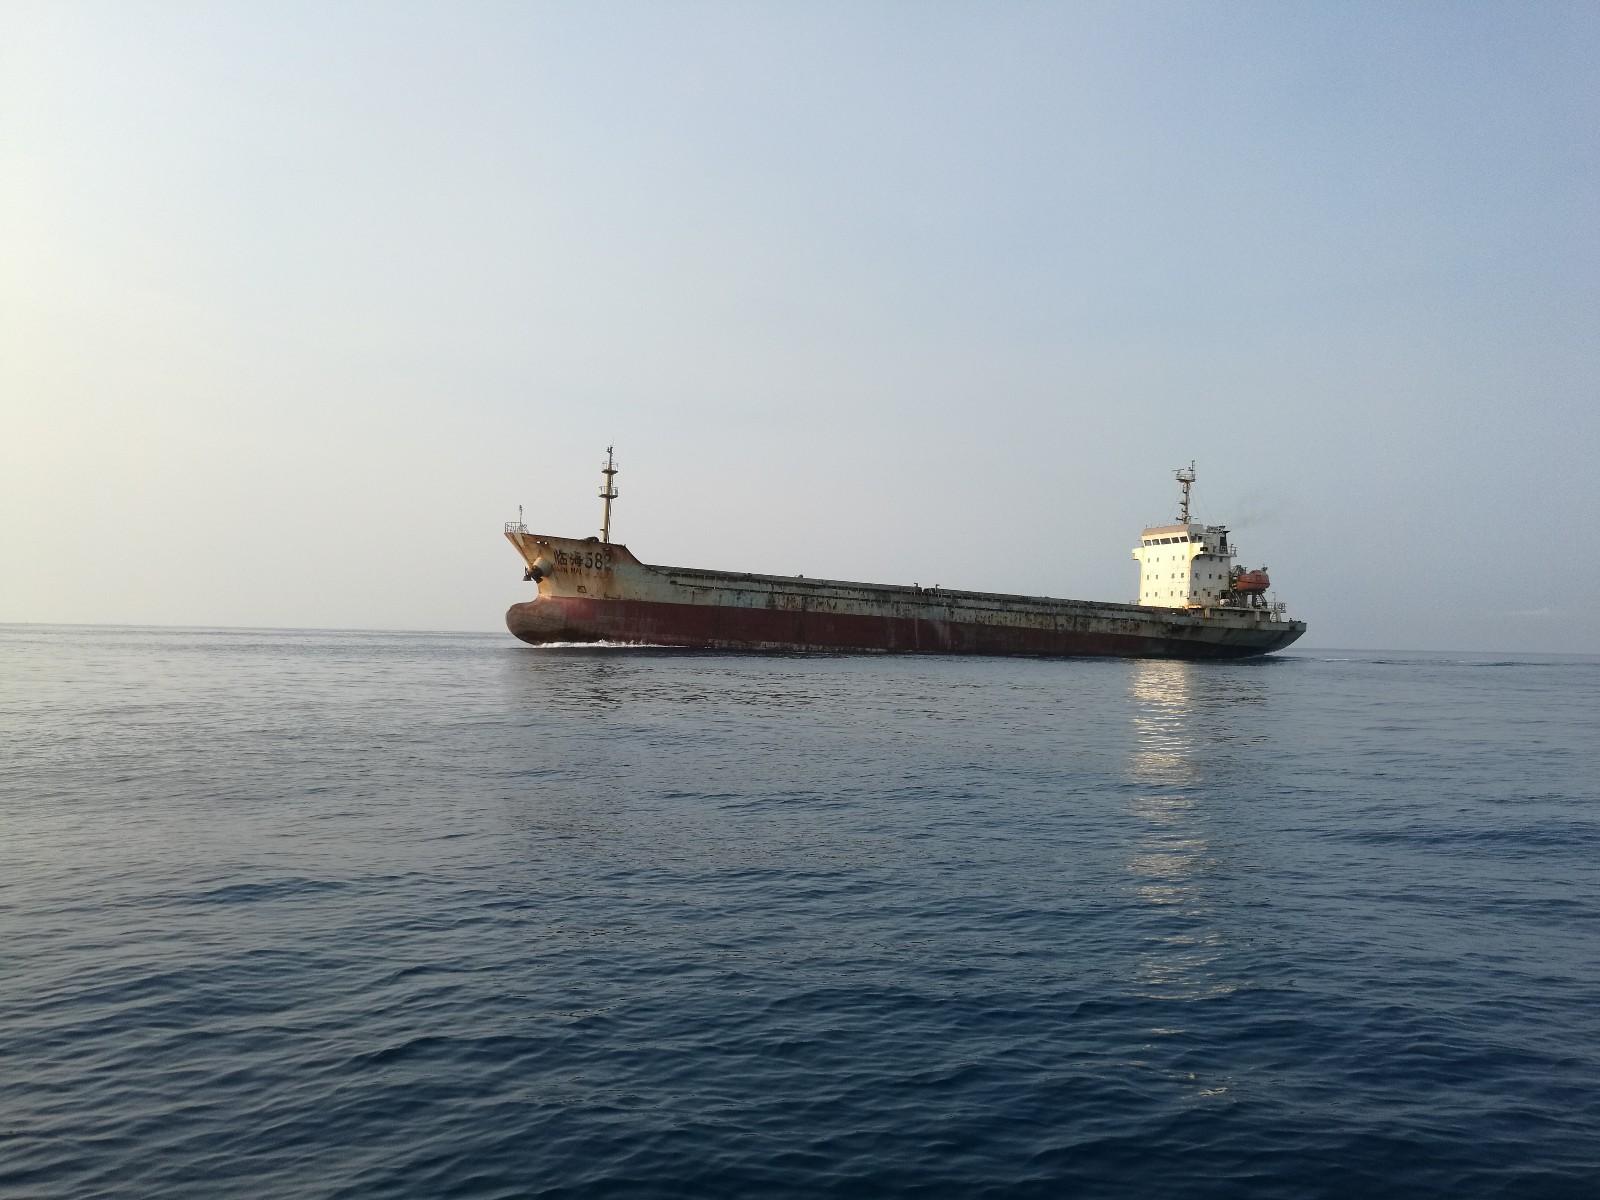 船长,唐山,这里,老刘,大哥 长风破浪会有时,直挂云帆济沧海——唐山号返航记(上篇)  161443ctt6z2te